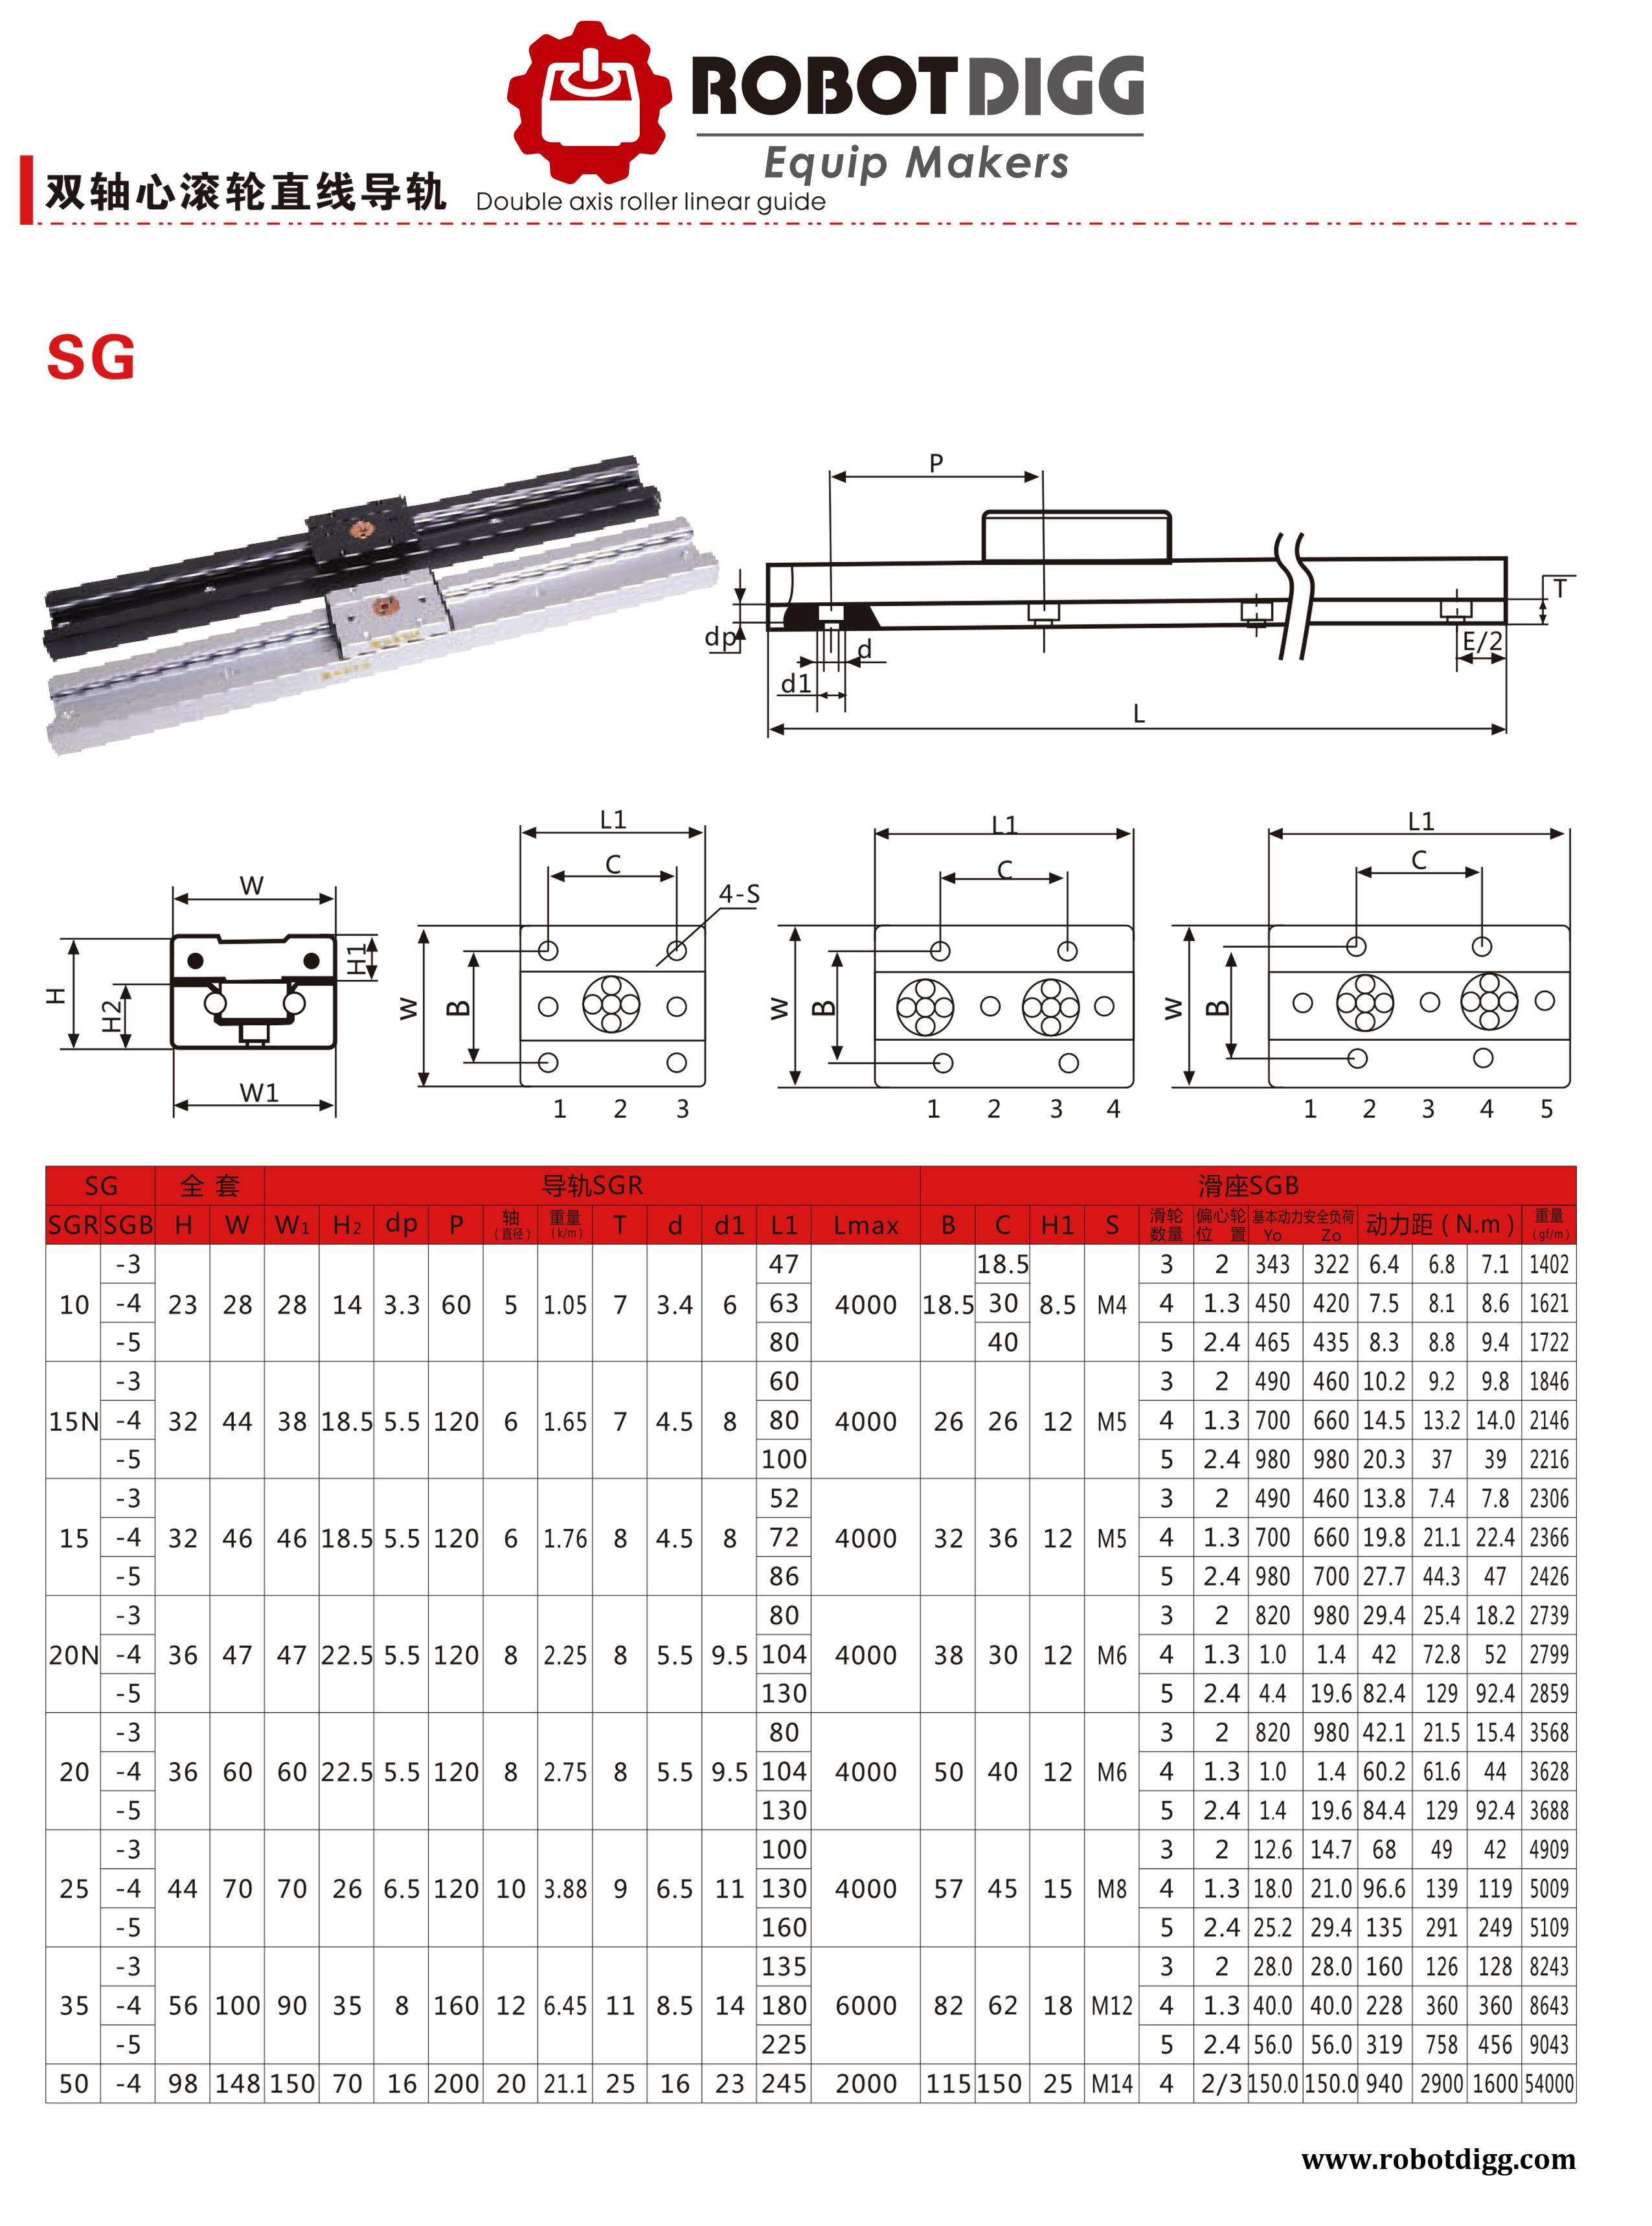 SGR roller bearing linear guide